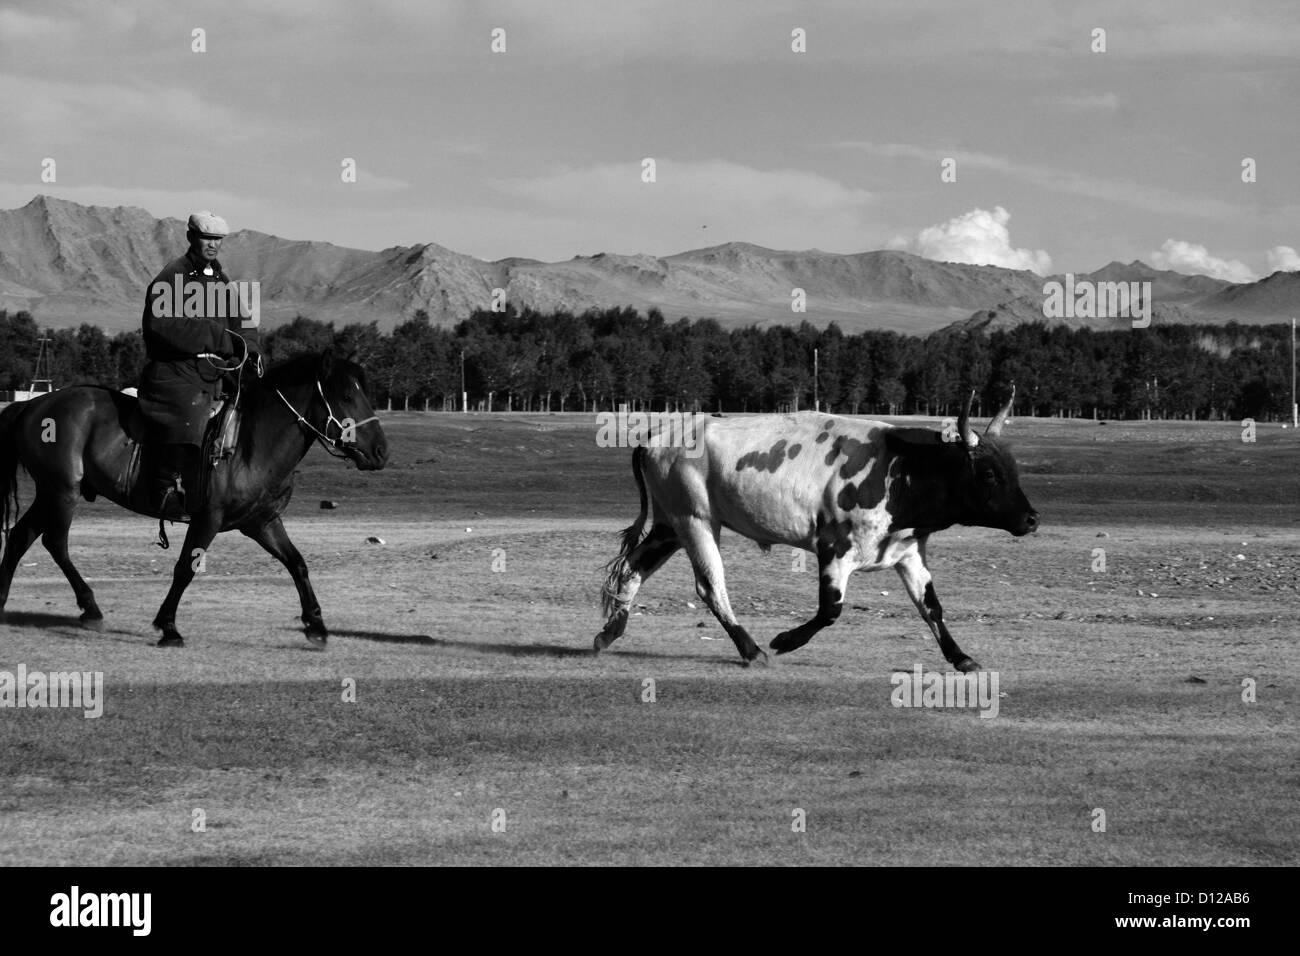 Herder outside Khovd, W. Mongolia - Stock Image